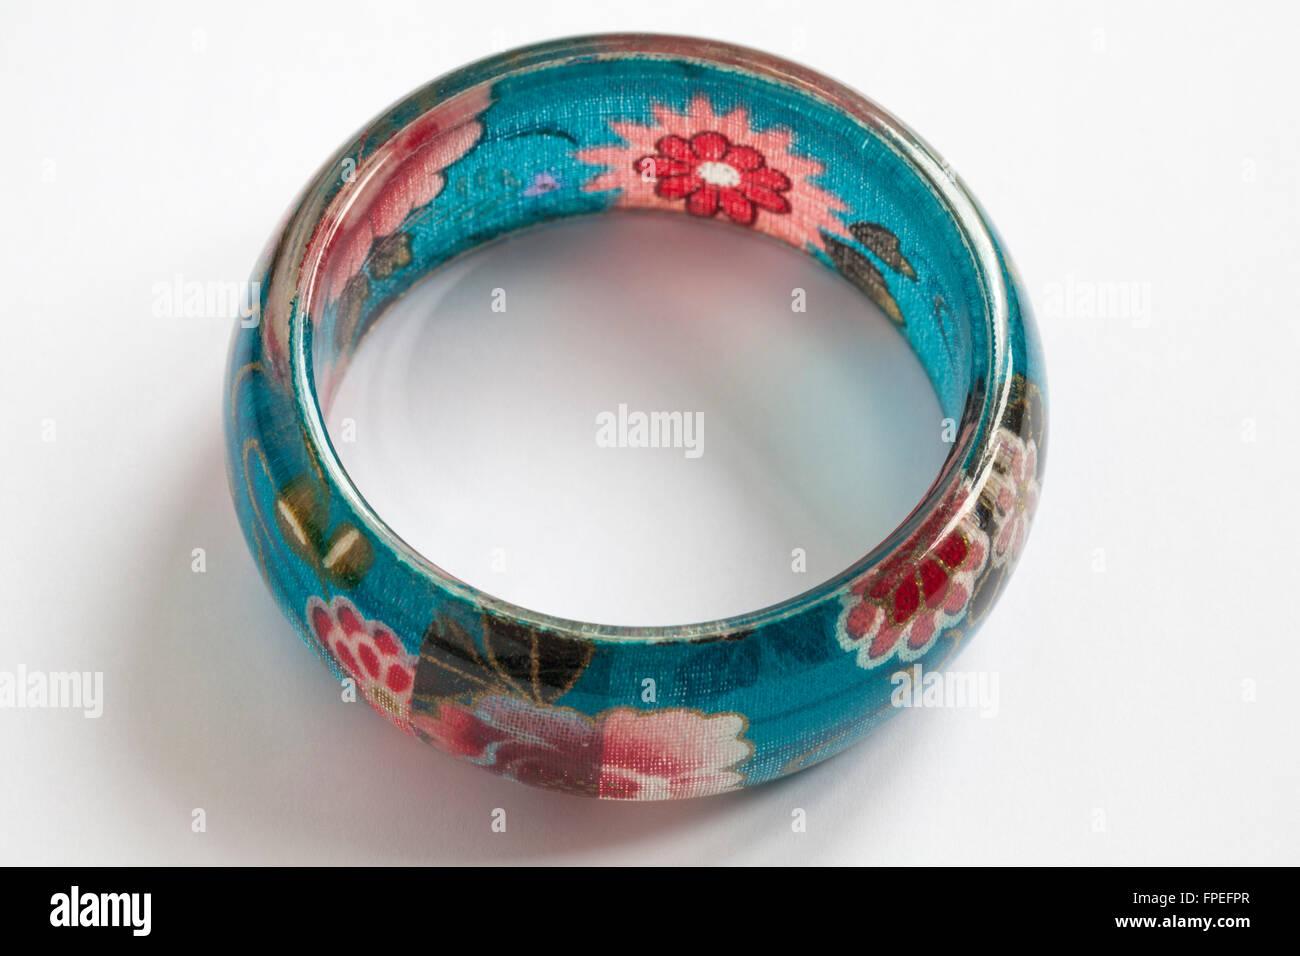 Blue flowery bangle isolated on white background - Stock Image